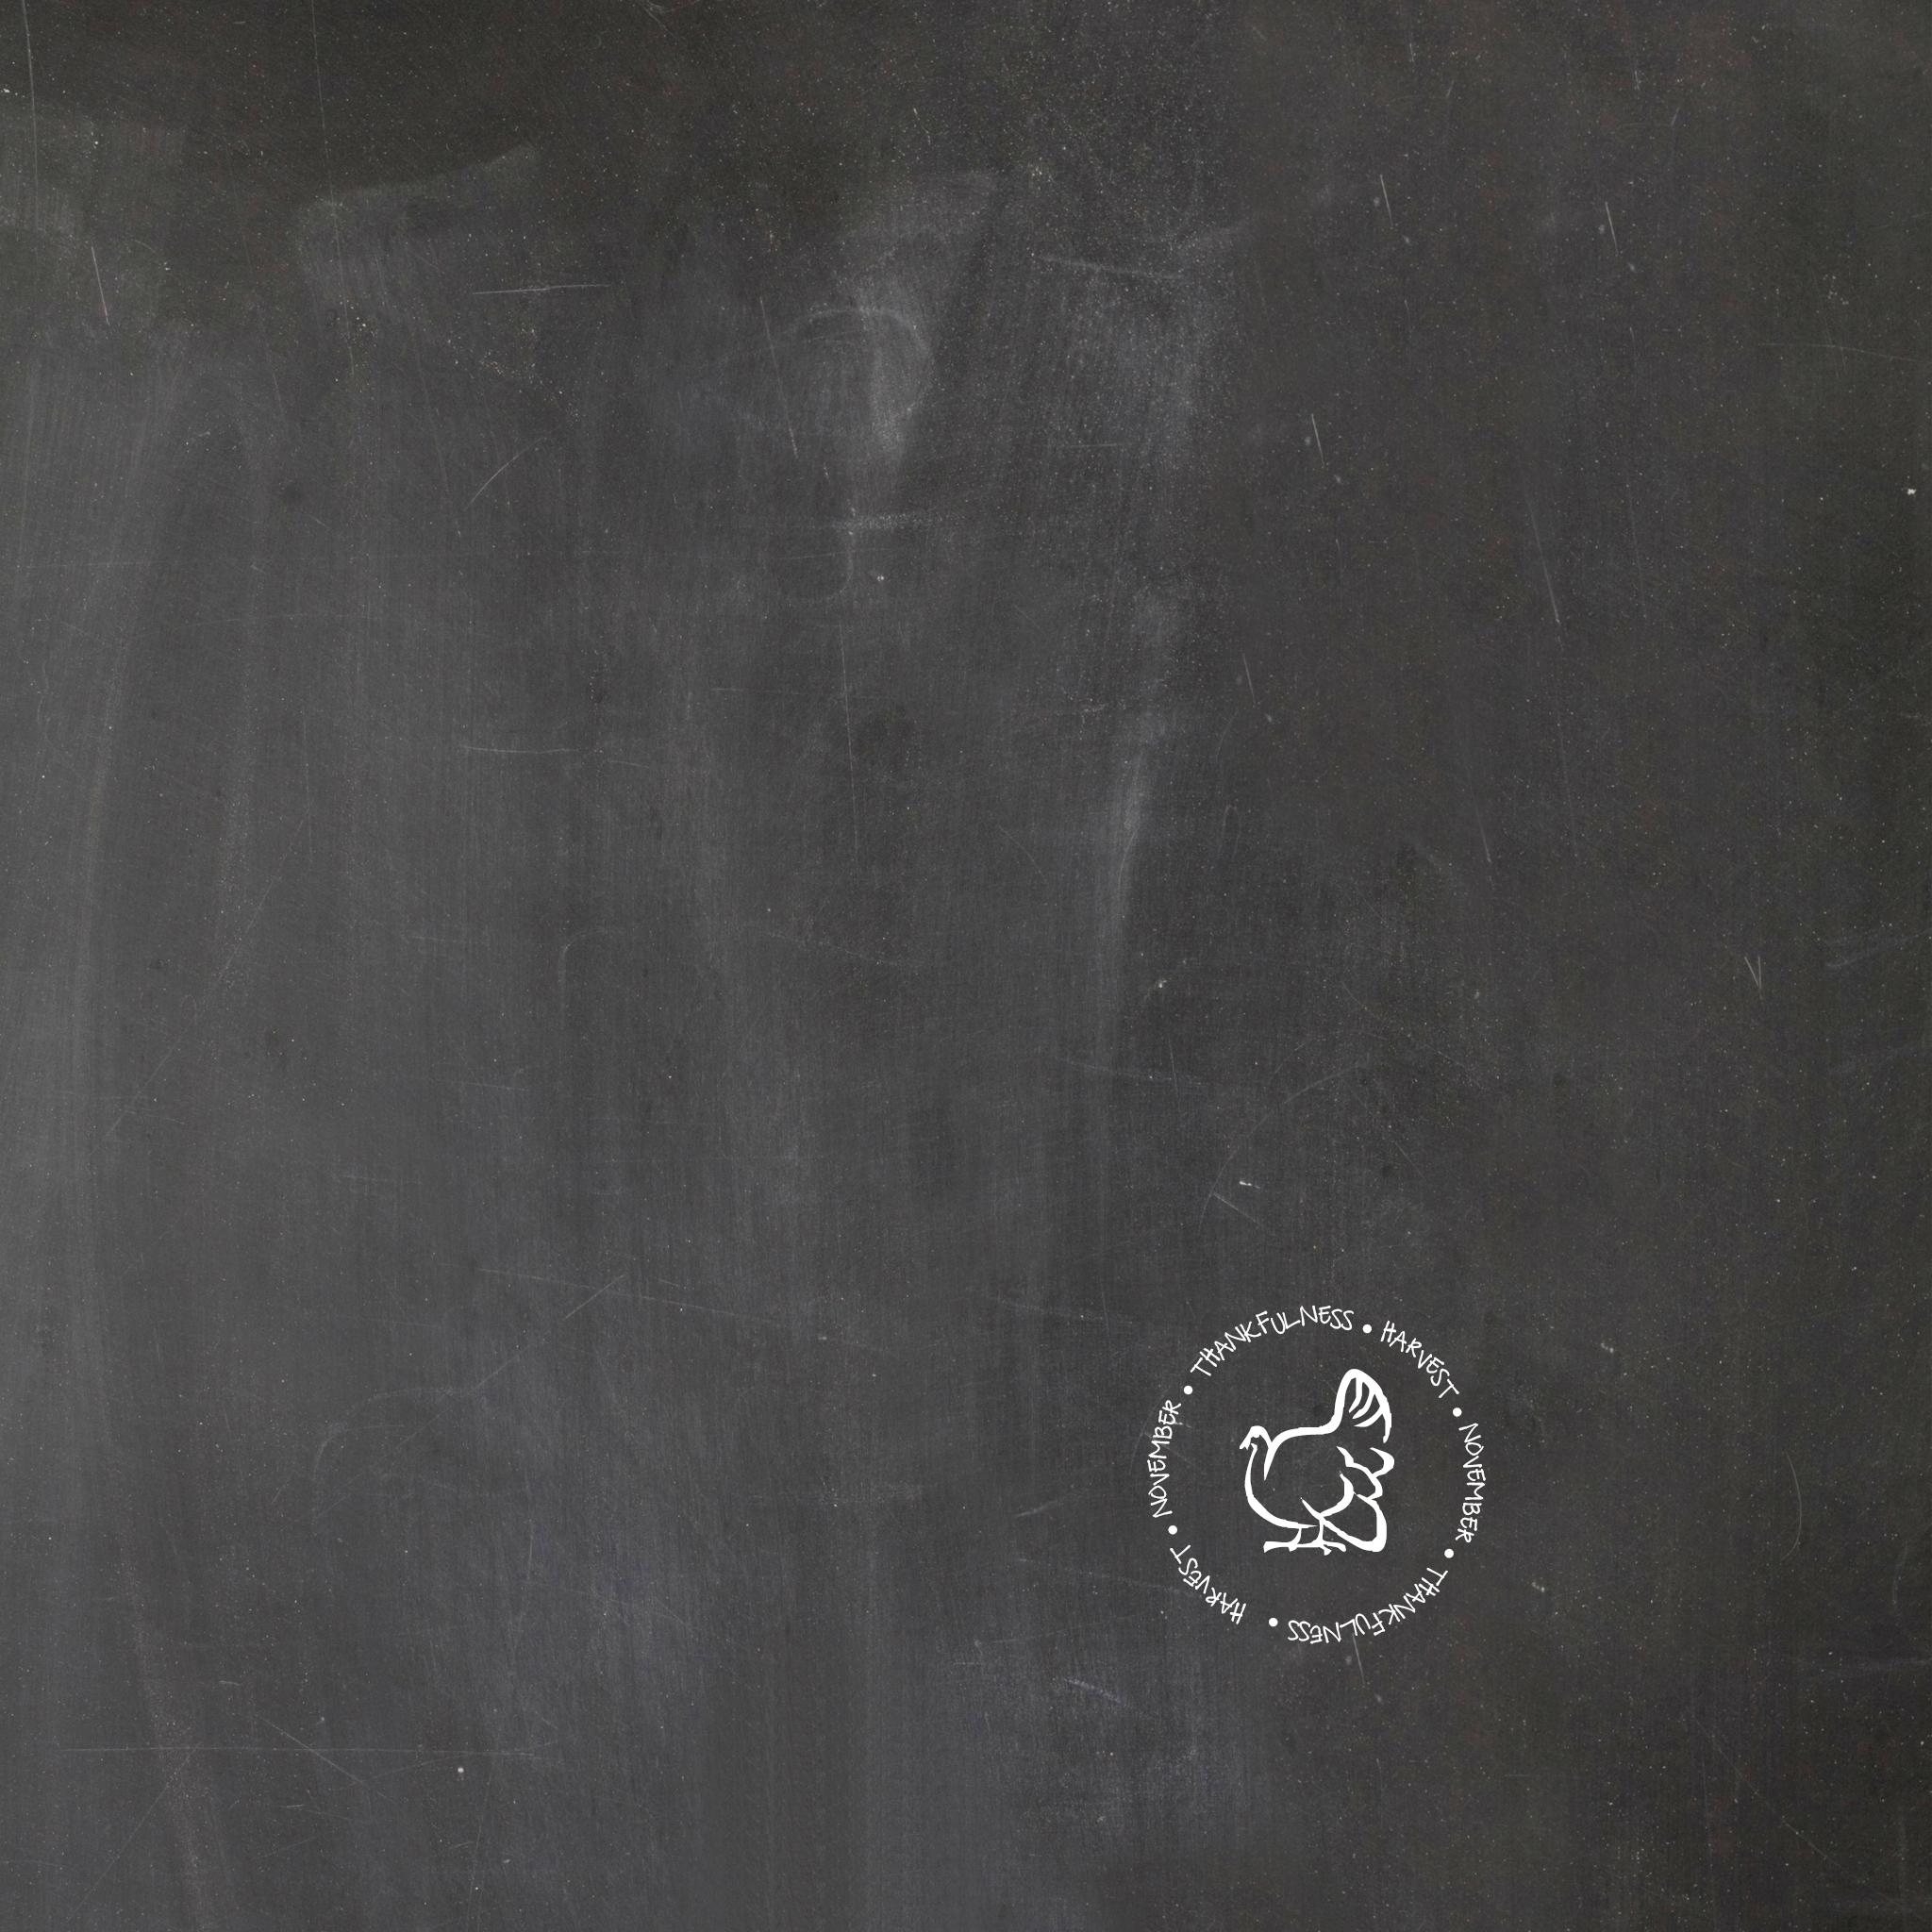 background chalkboard